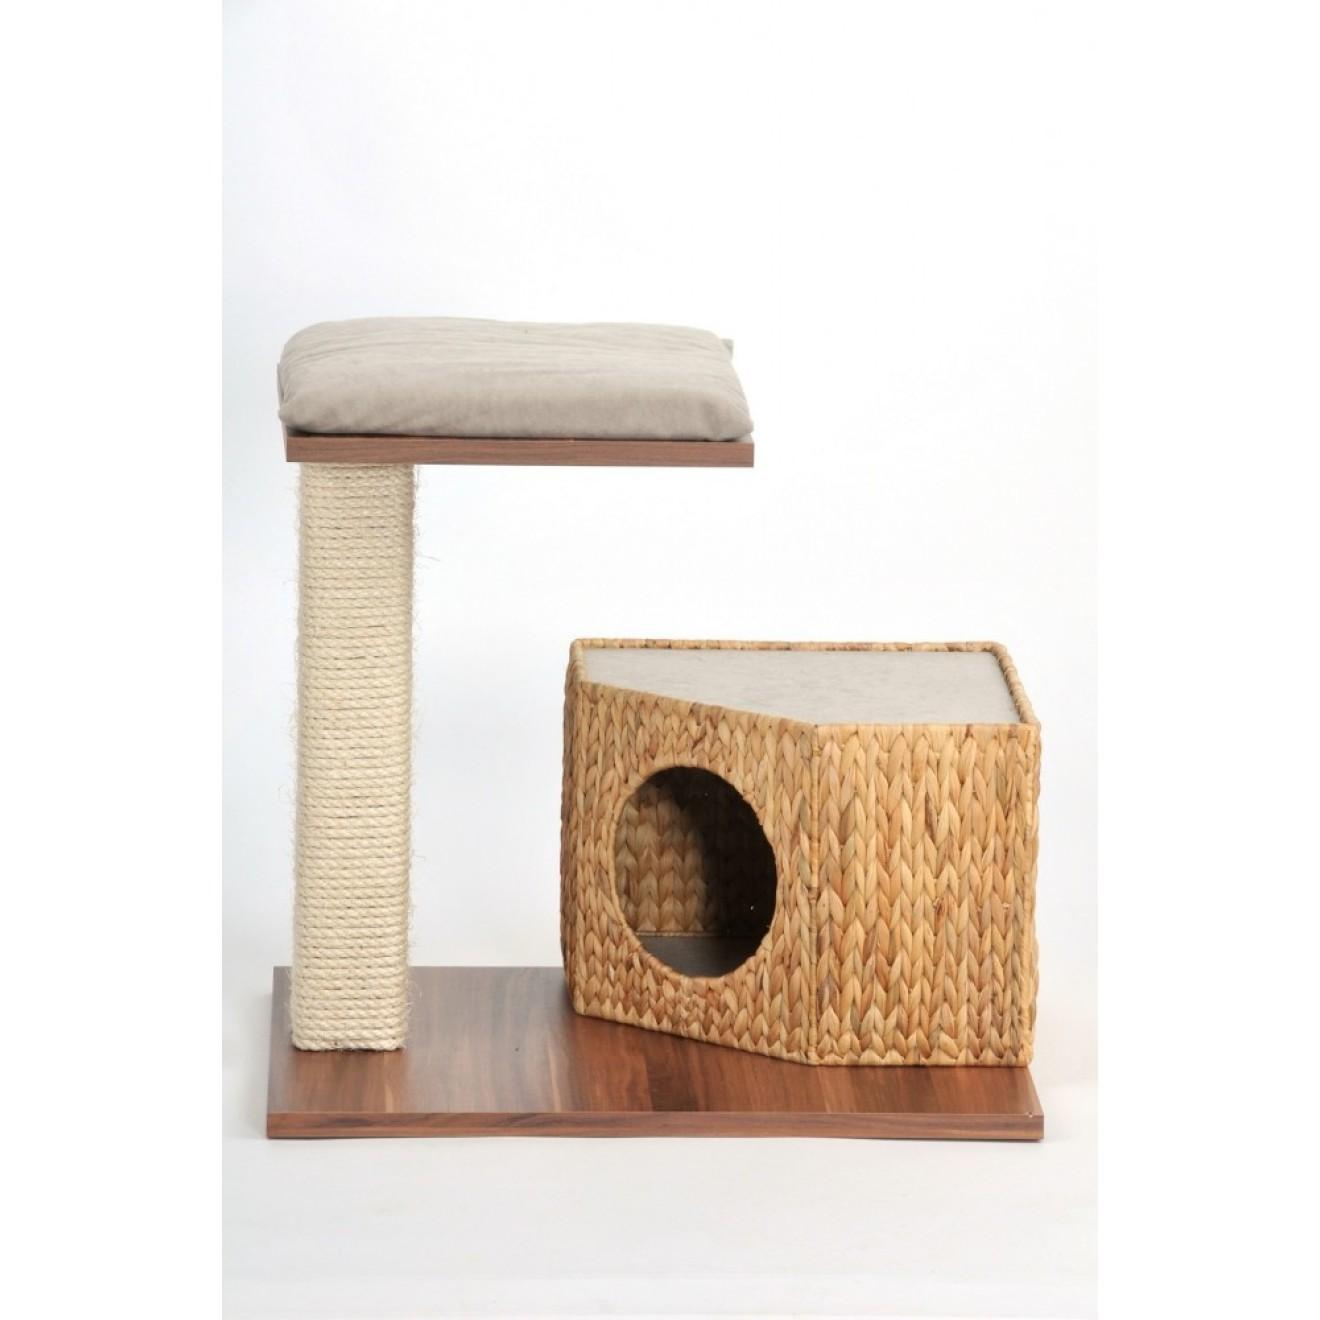 kleiner kratzbaum wohnboy loom 54 cm hoch online kaufen. Black Bedroom Furniture Sets. Home Design Ideas